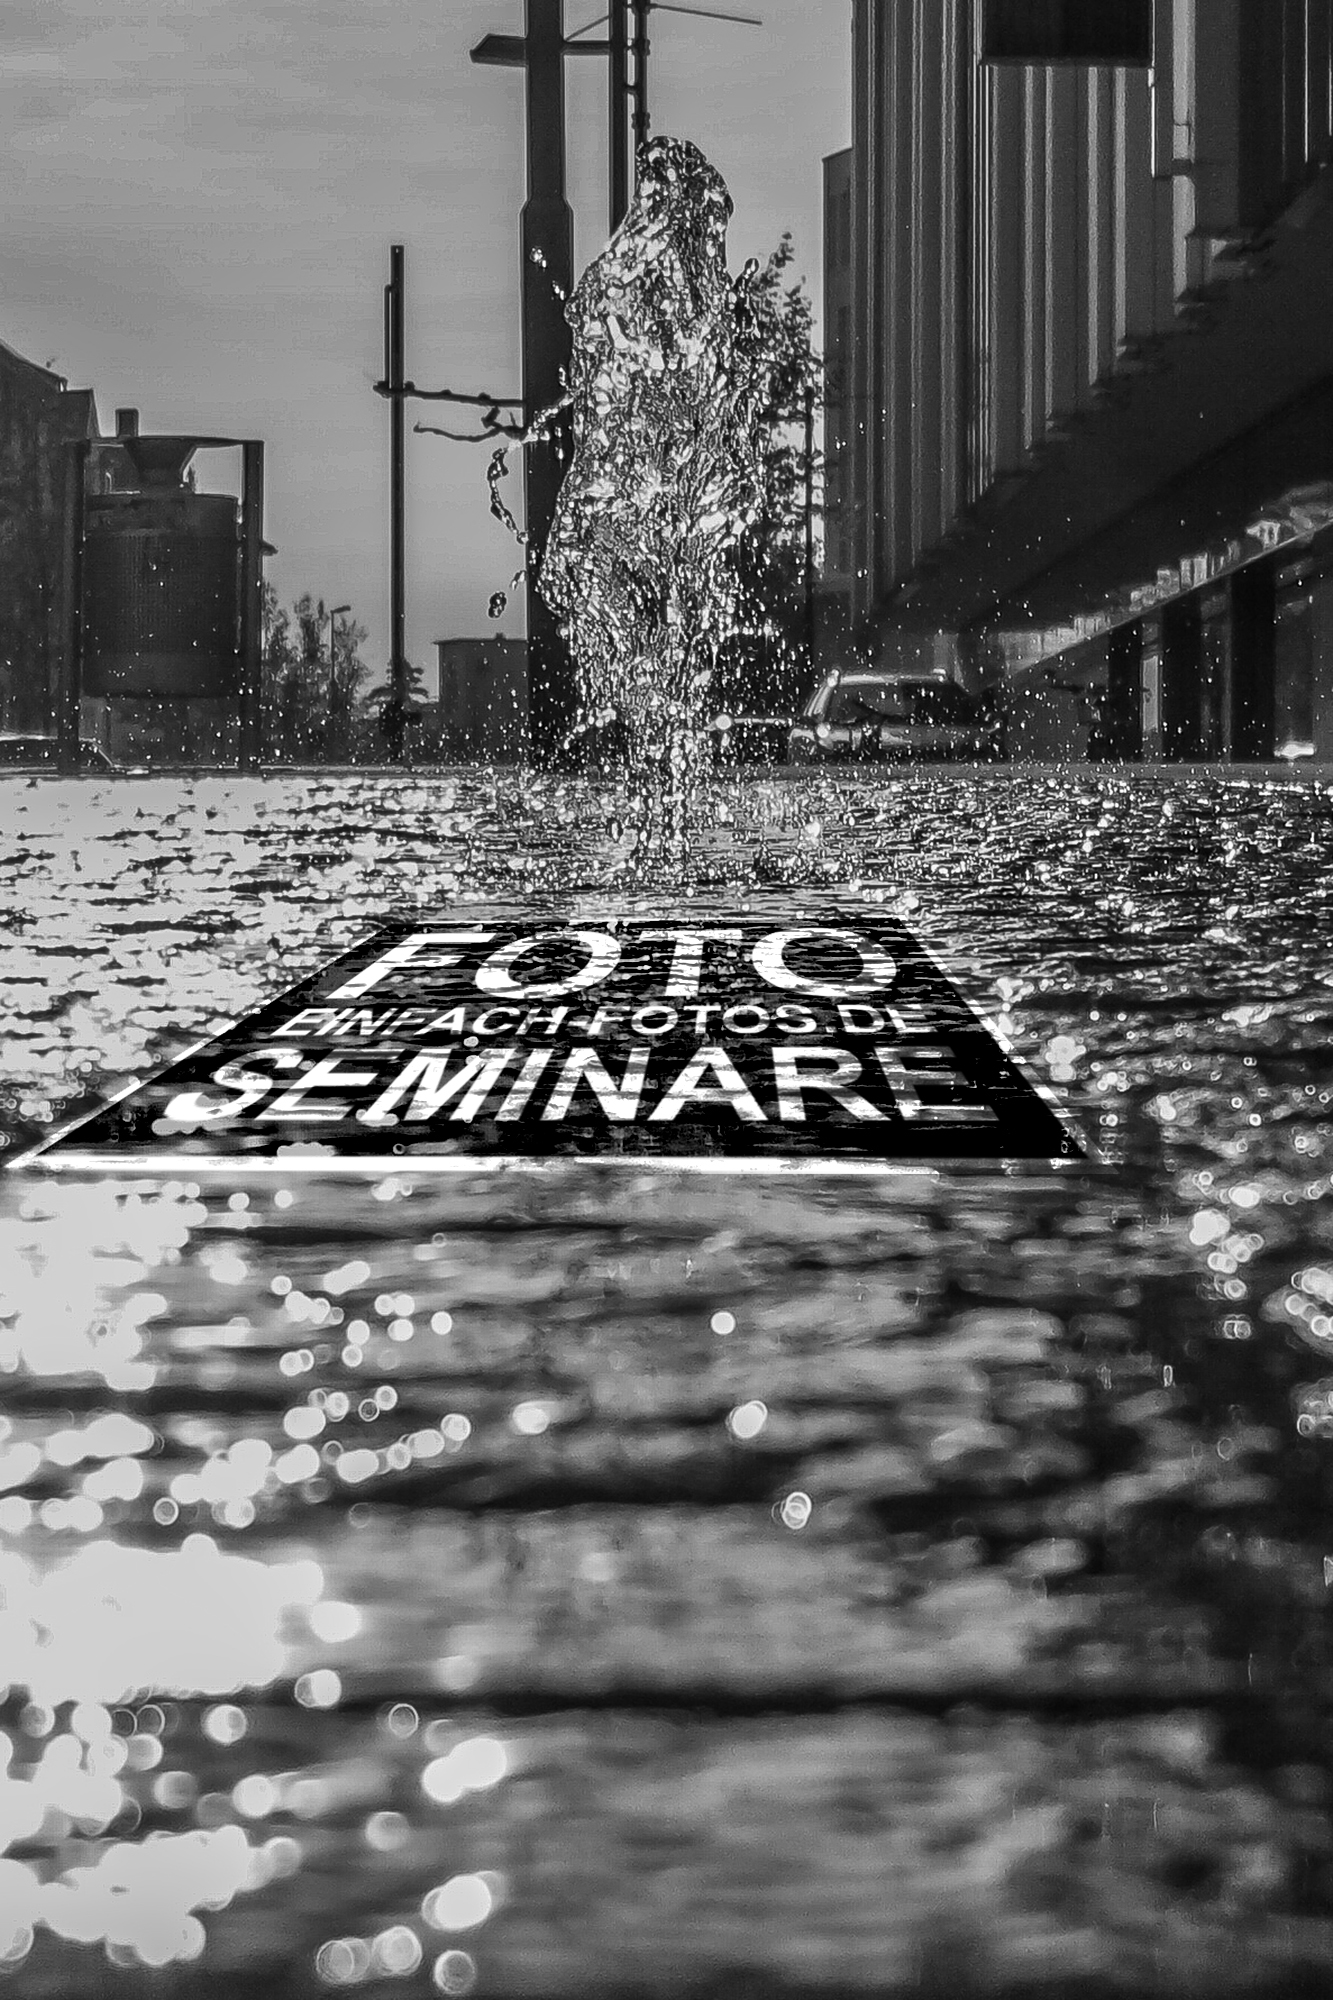 Fotokurs Stadt und StreetfotografieSaarlouis